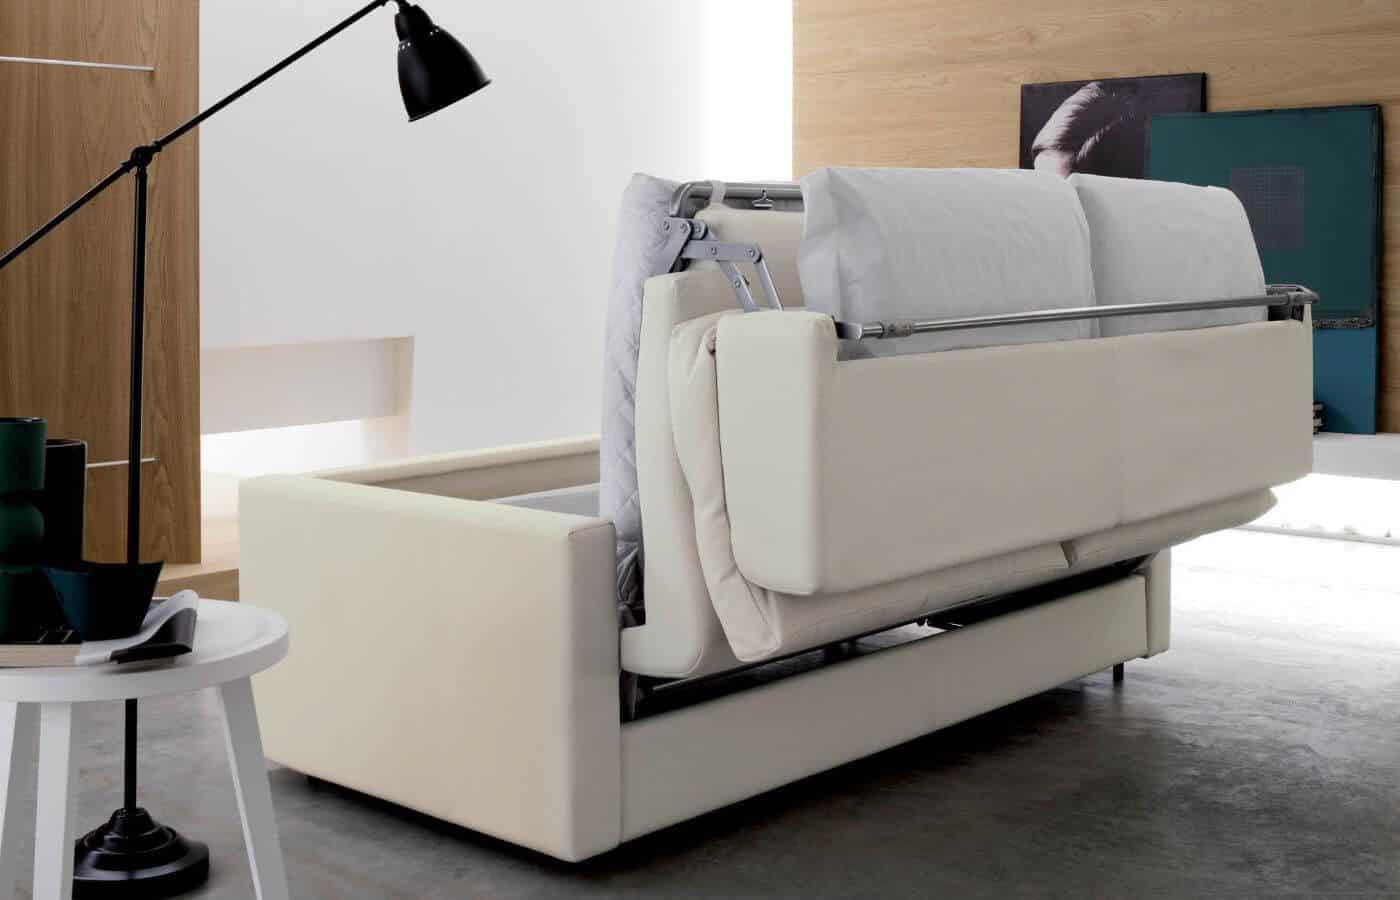 divani-letto-collezione-danubio-il-mobile (3)